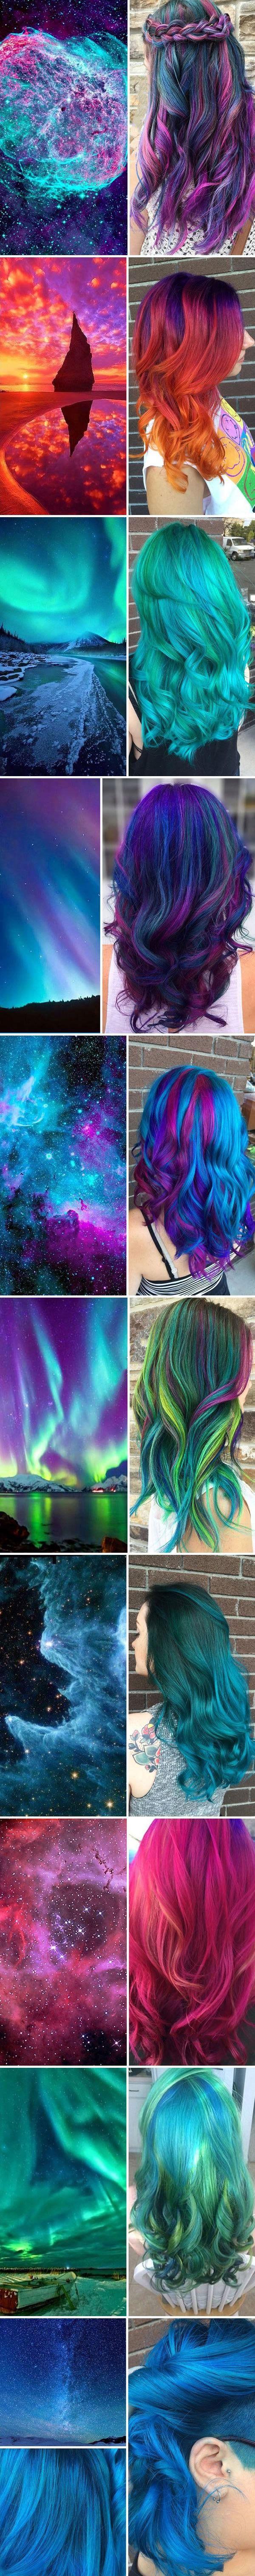 Diese Haare sind aus einer anderen Galaxie | Webfail - Fail Bilder und Fail Videos